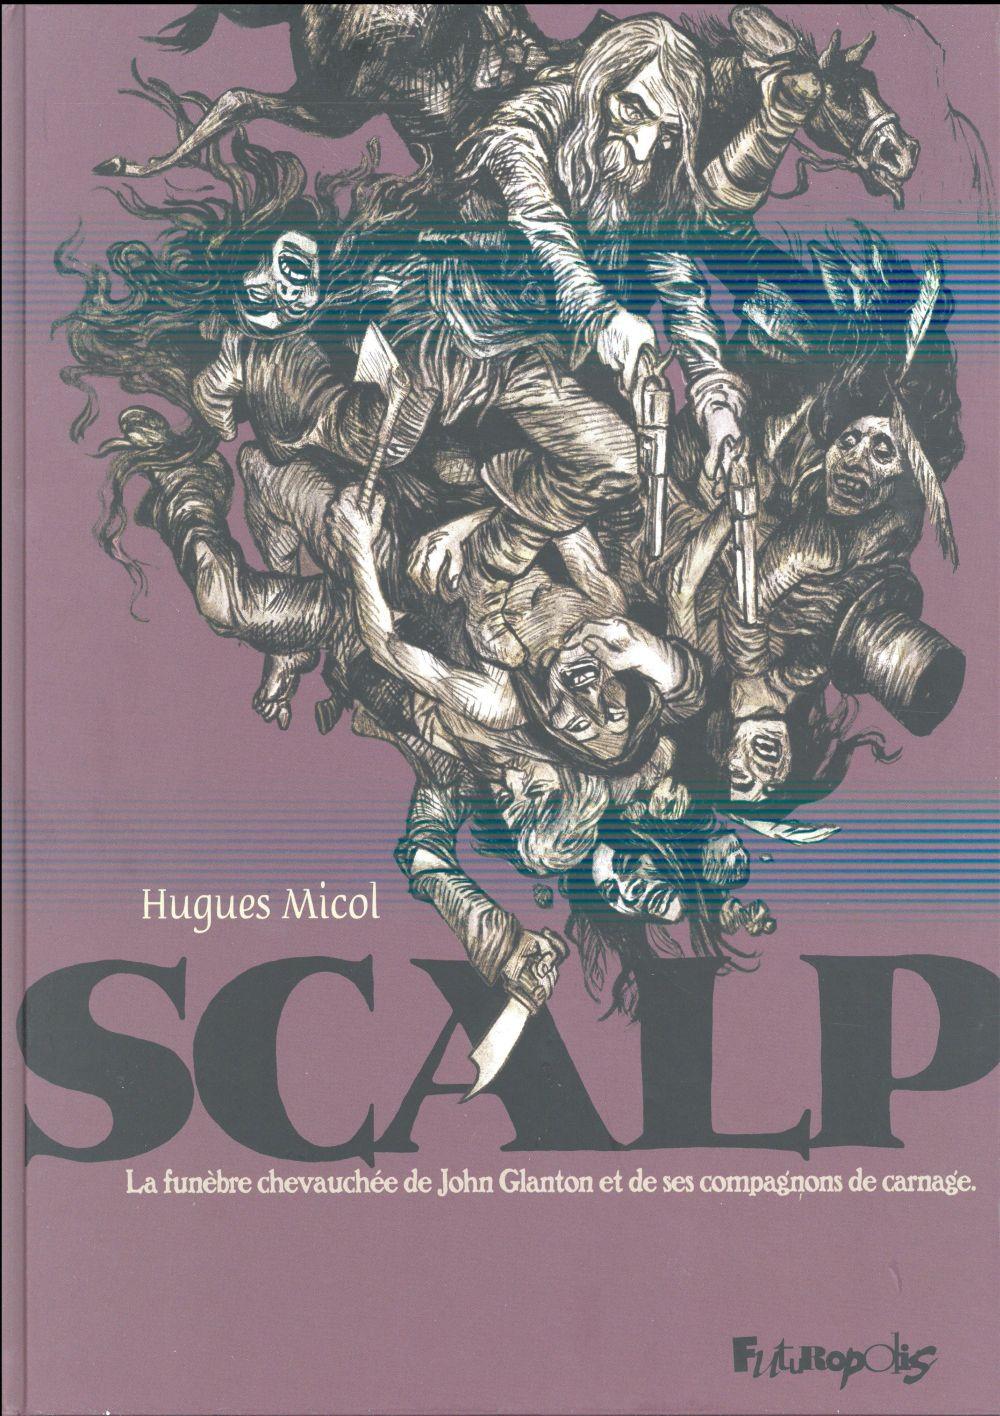 Scalp ; la funèbre chevauchée de John Glanton et ses compagnons de carnage